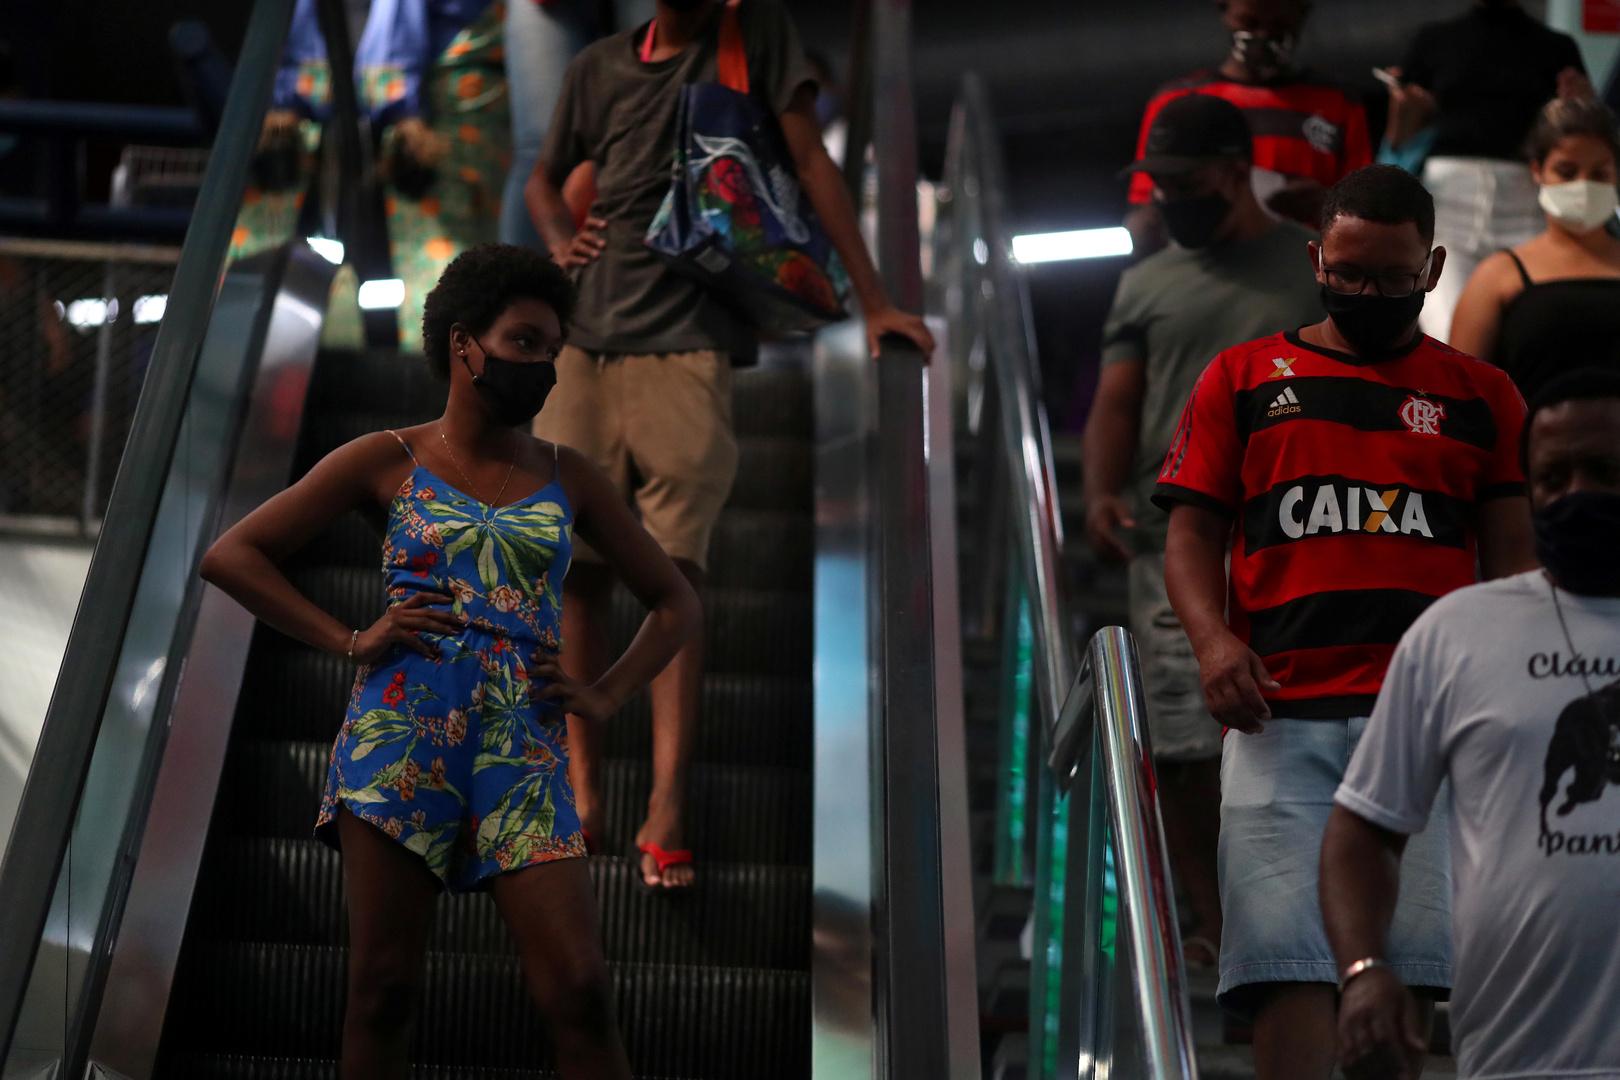 سوق في مدينة ريو دي جانيرو